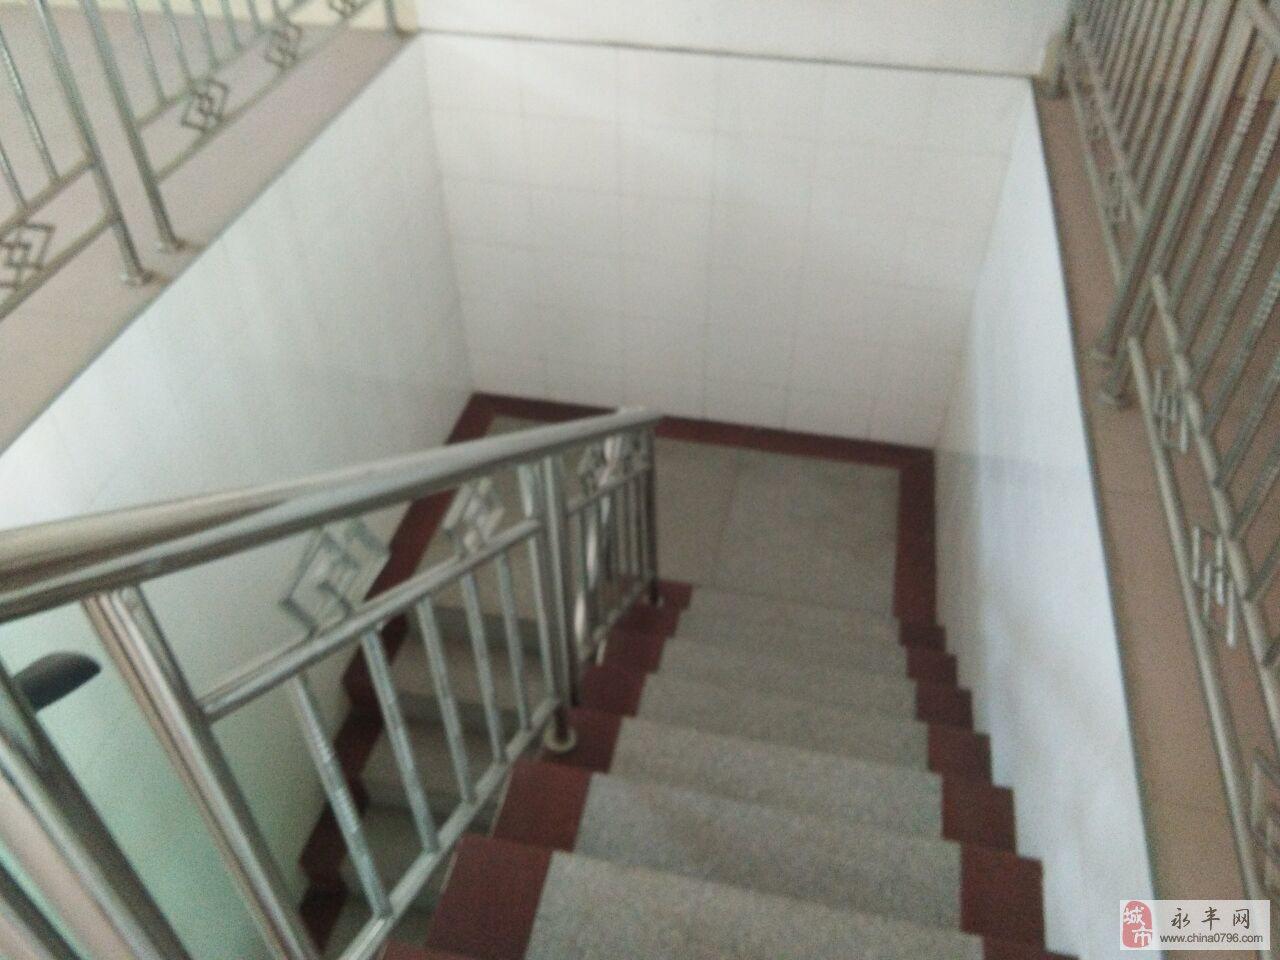 跃进西路5室2厅2卫83万元 复式送杂物间